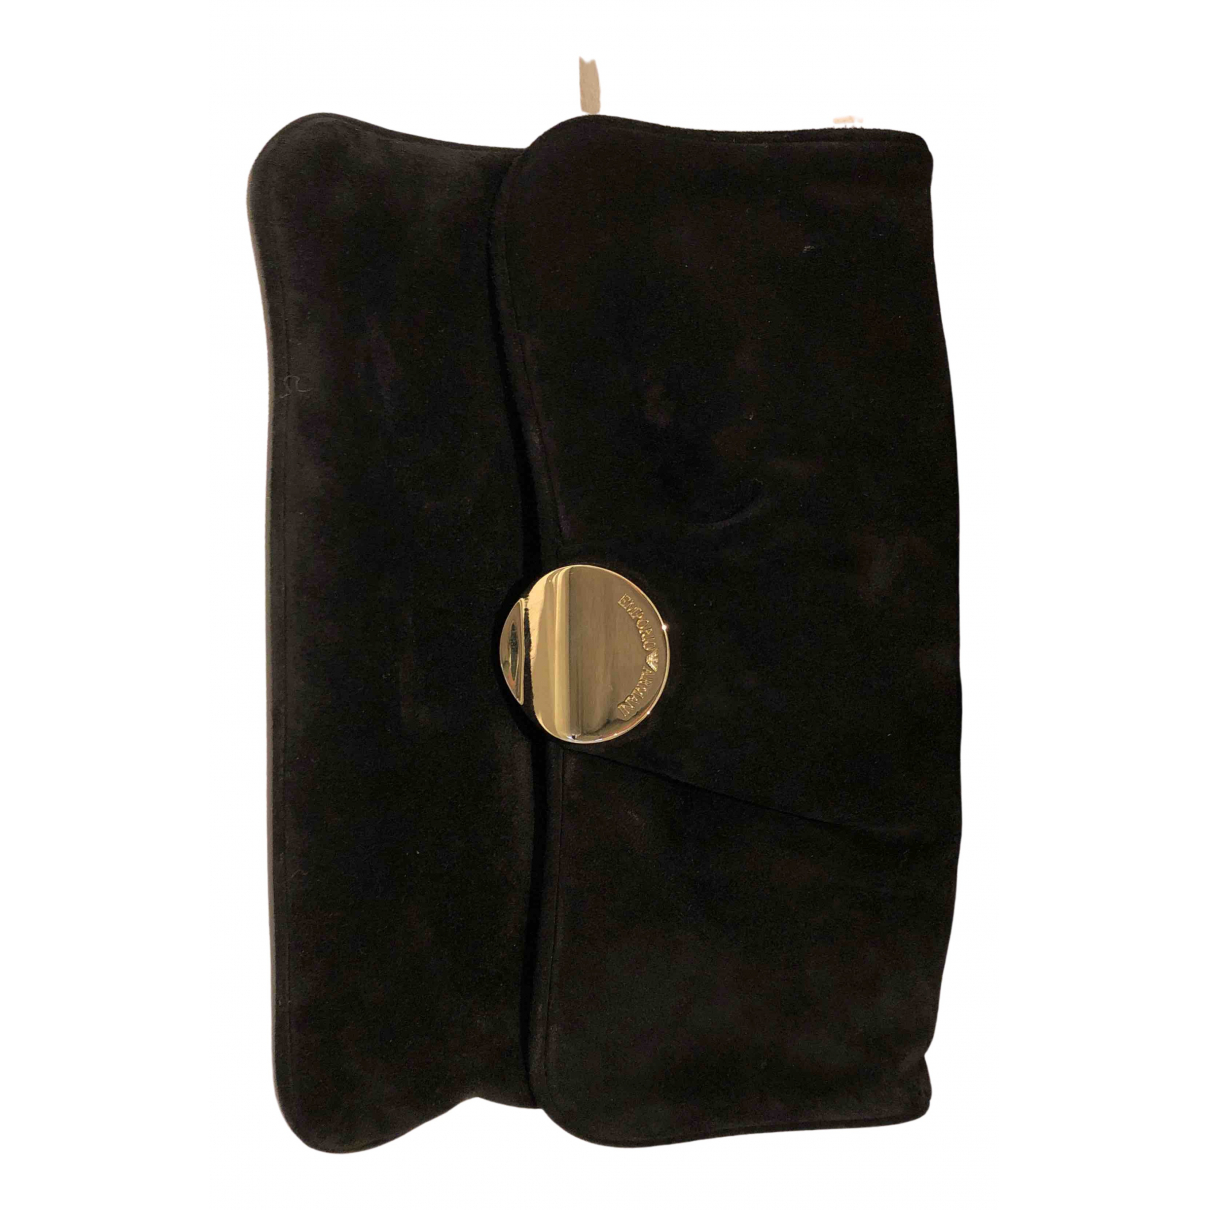 Emporio Armani N Black Suede Clutch bag for Women N